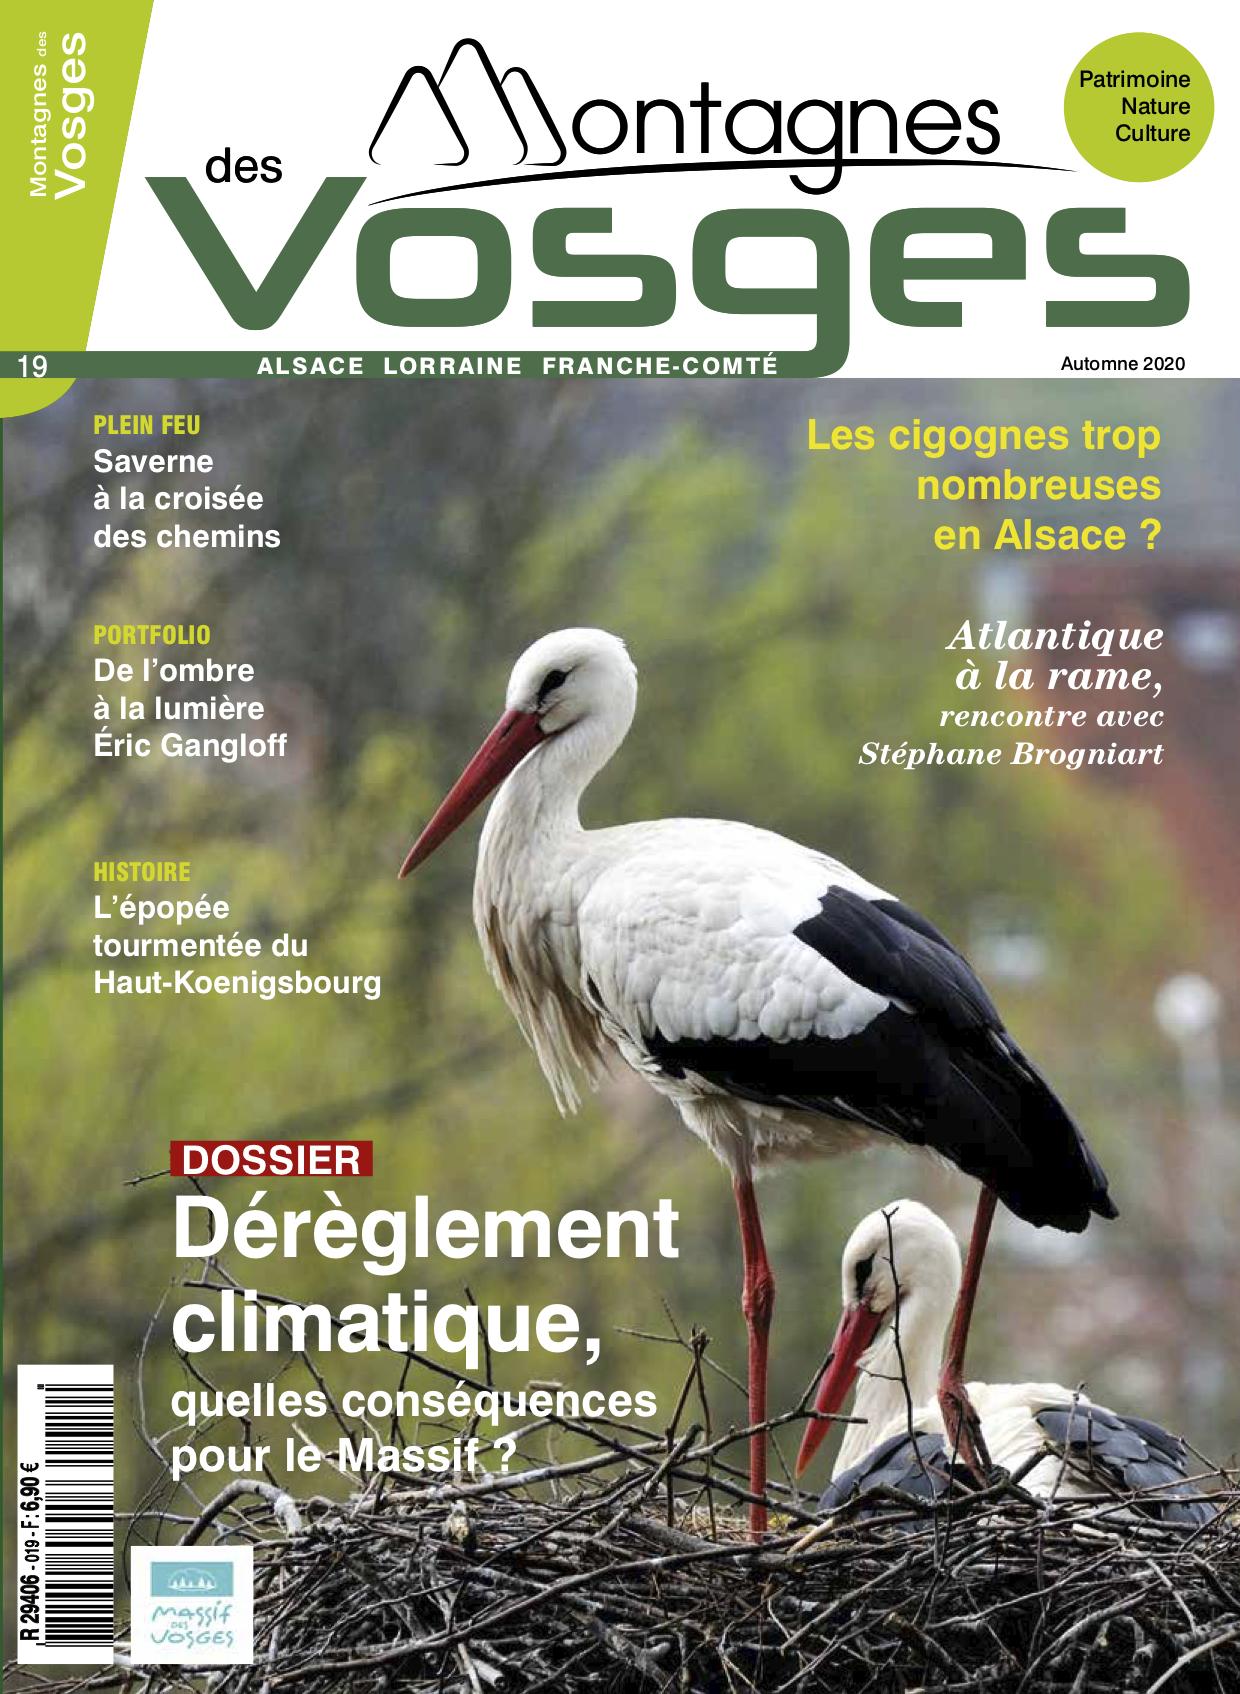 Magazine Montagnes des vosges - Le numéro 19 – Automne 2020